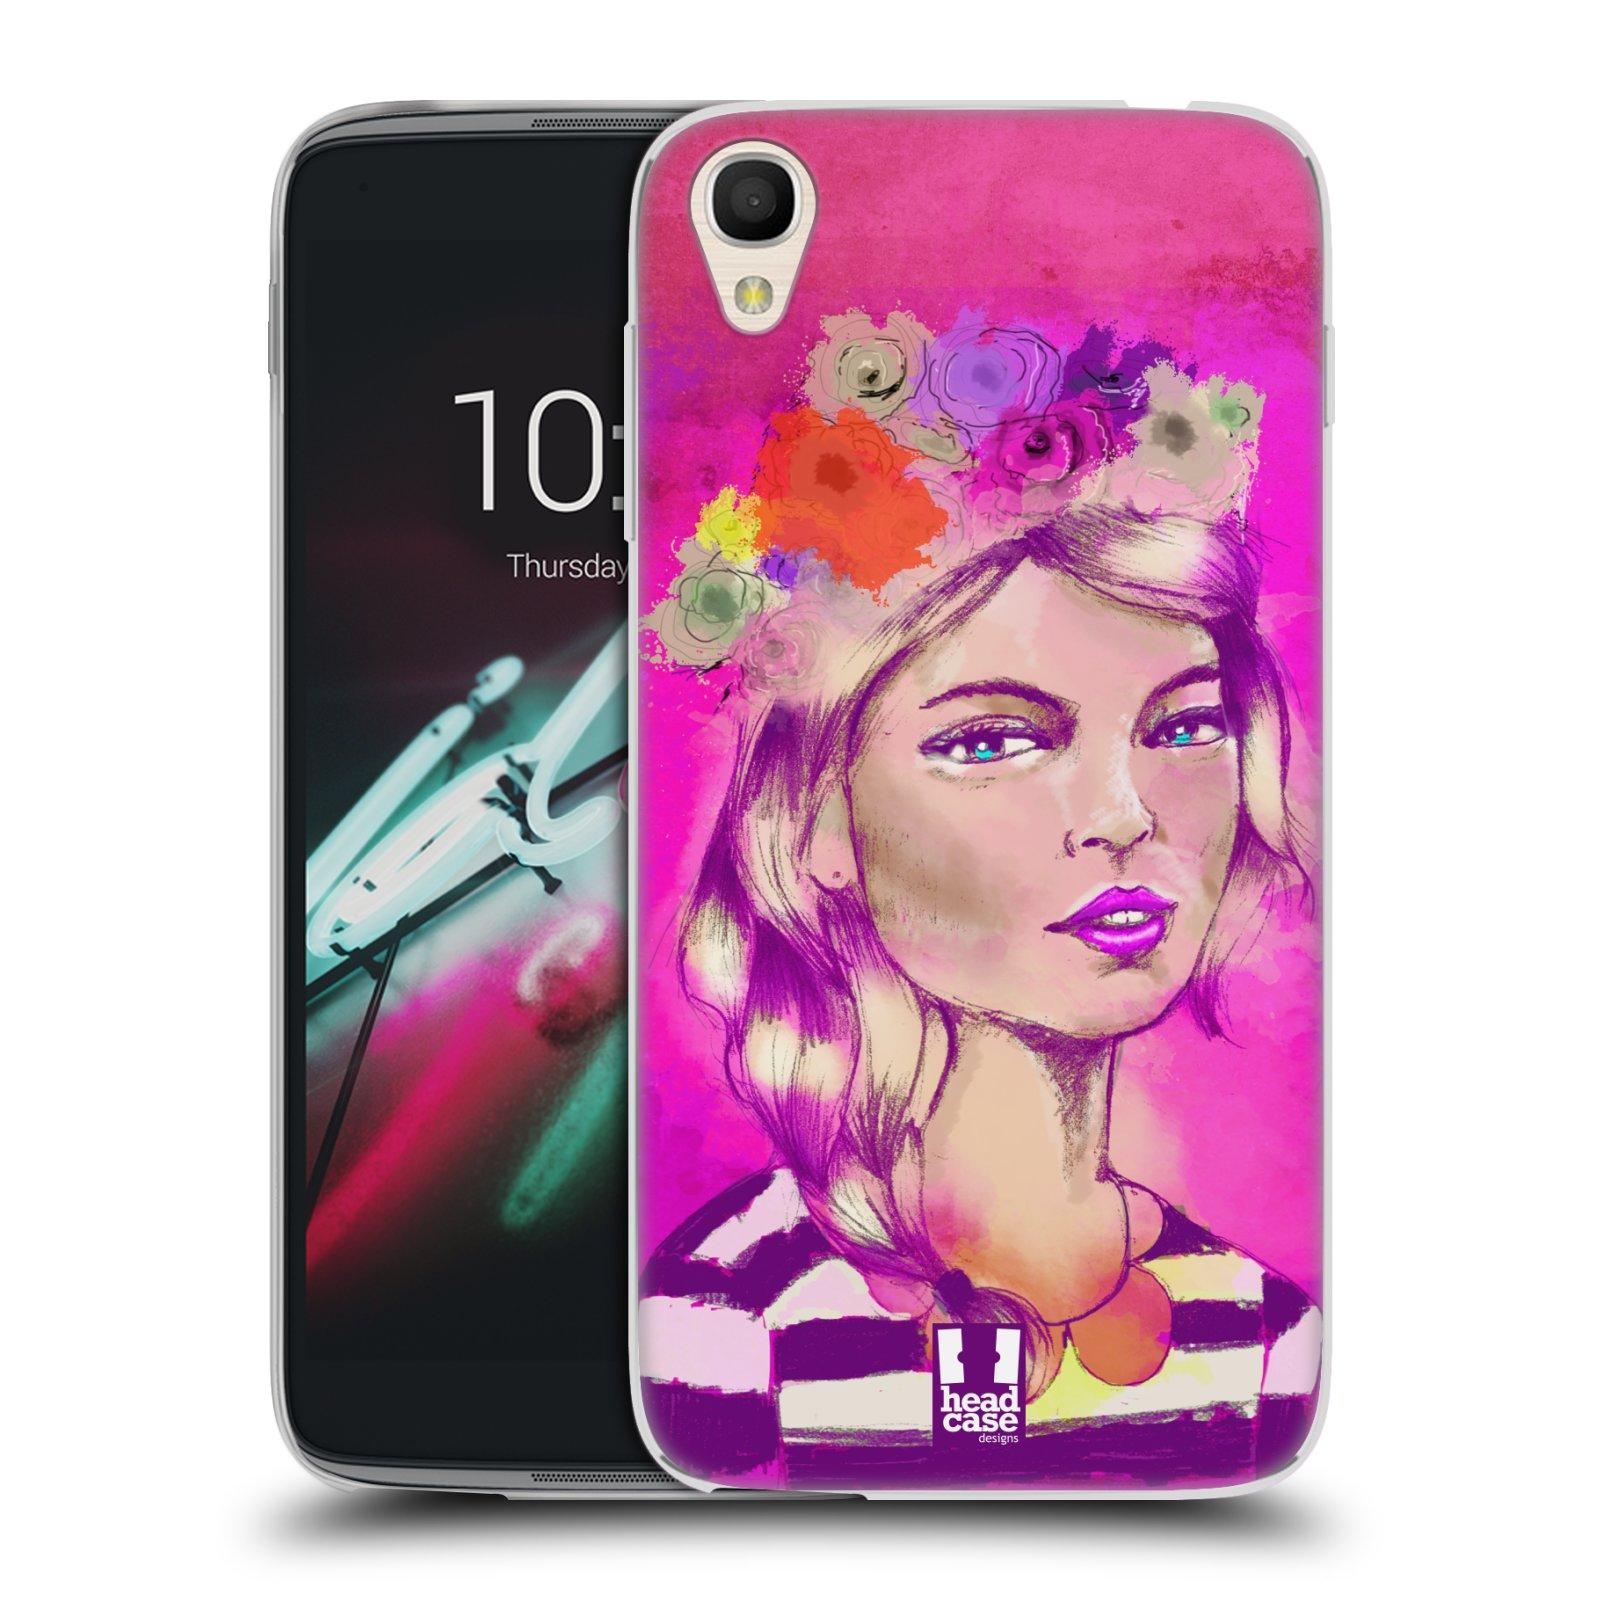 HEAD CASE silikonový obal na mobil Alcatel Idol 3 OT-6039Y (4.7) vzor Dívka dlouhé květinové vlasy OKOUZLUJÍCÍ